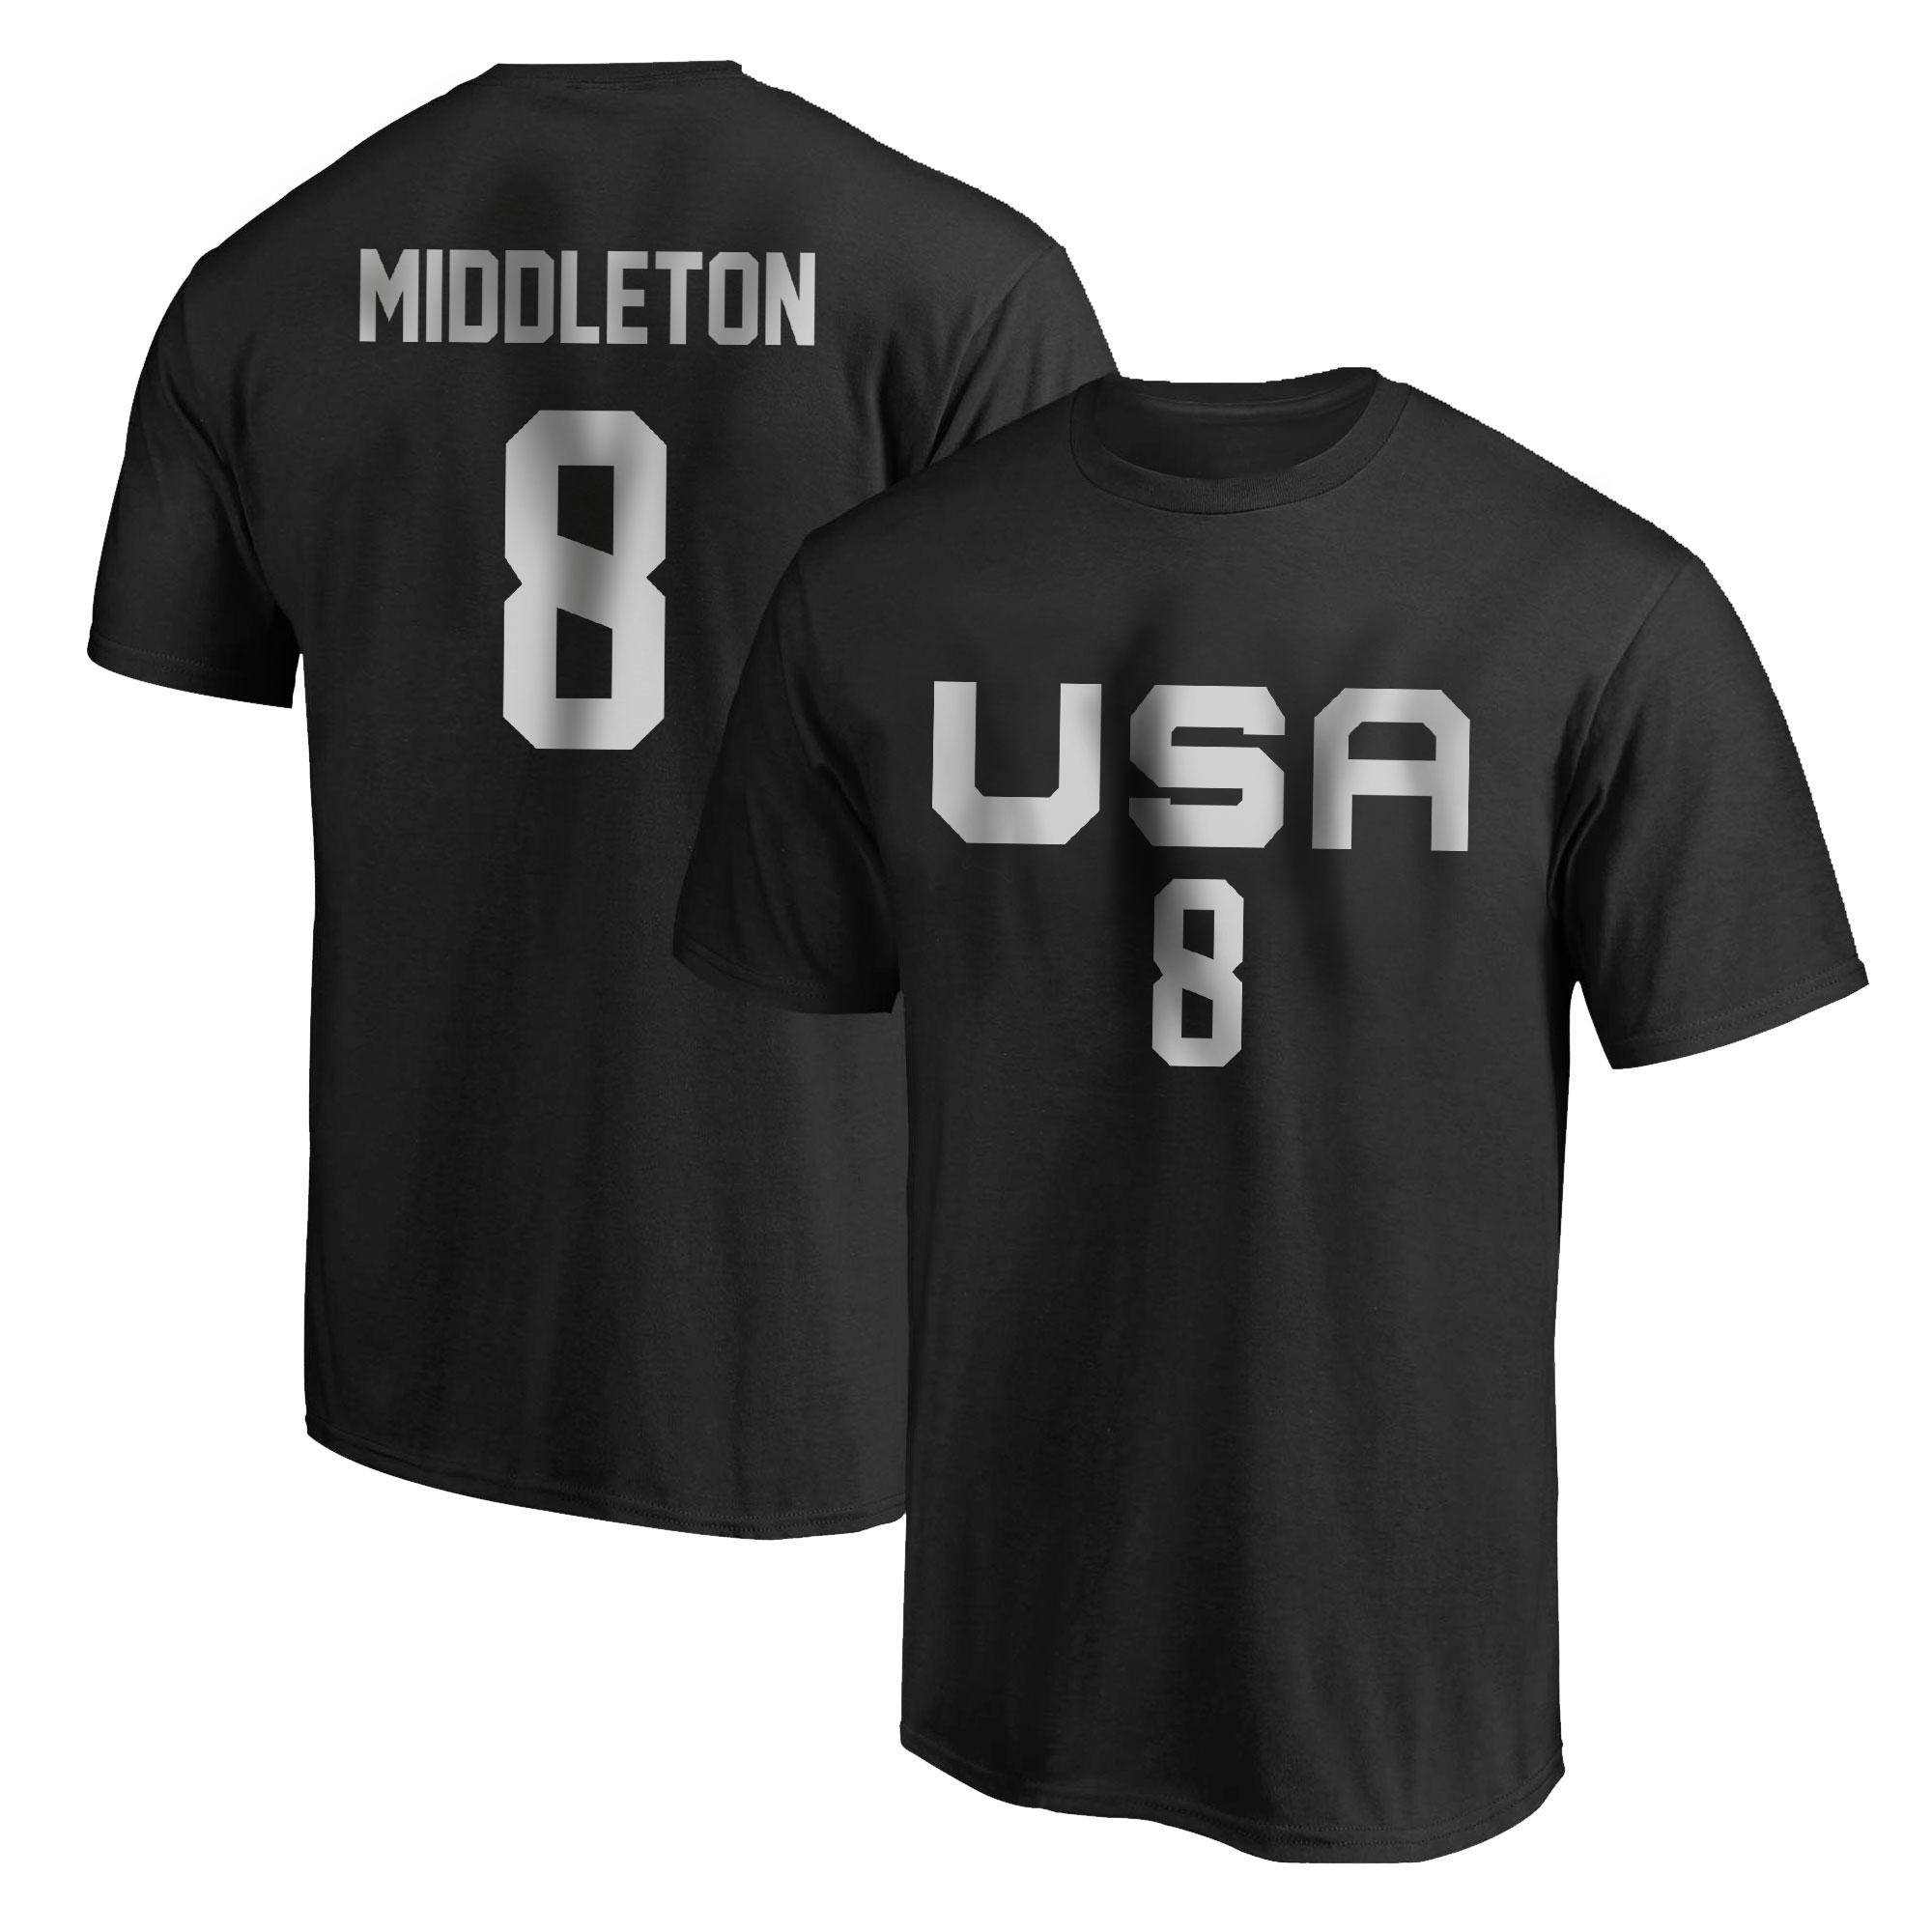 Olympic Team Khris Middleton Tshirt (TSH-BLC-NP-532-8)